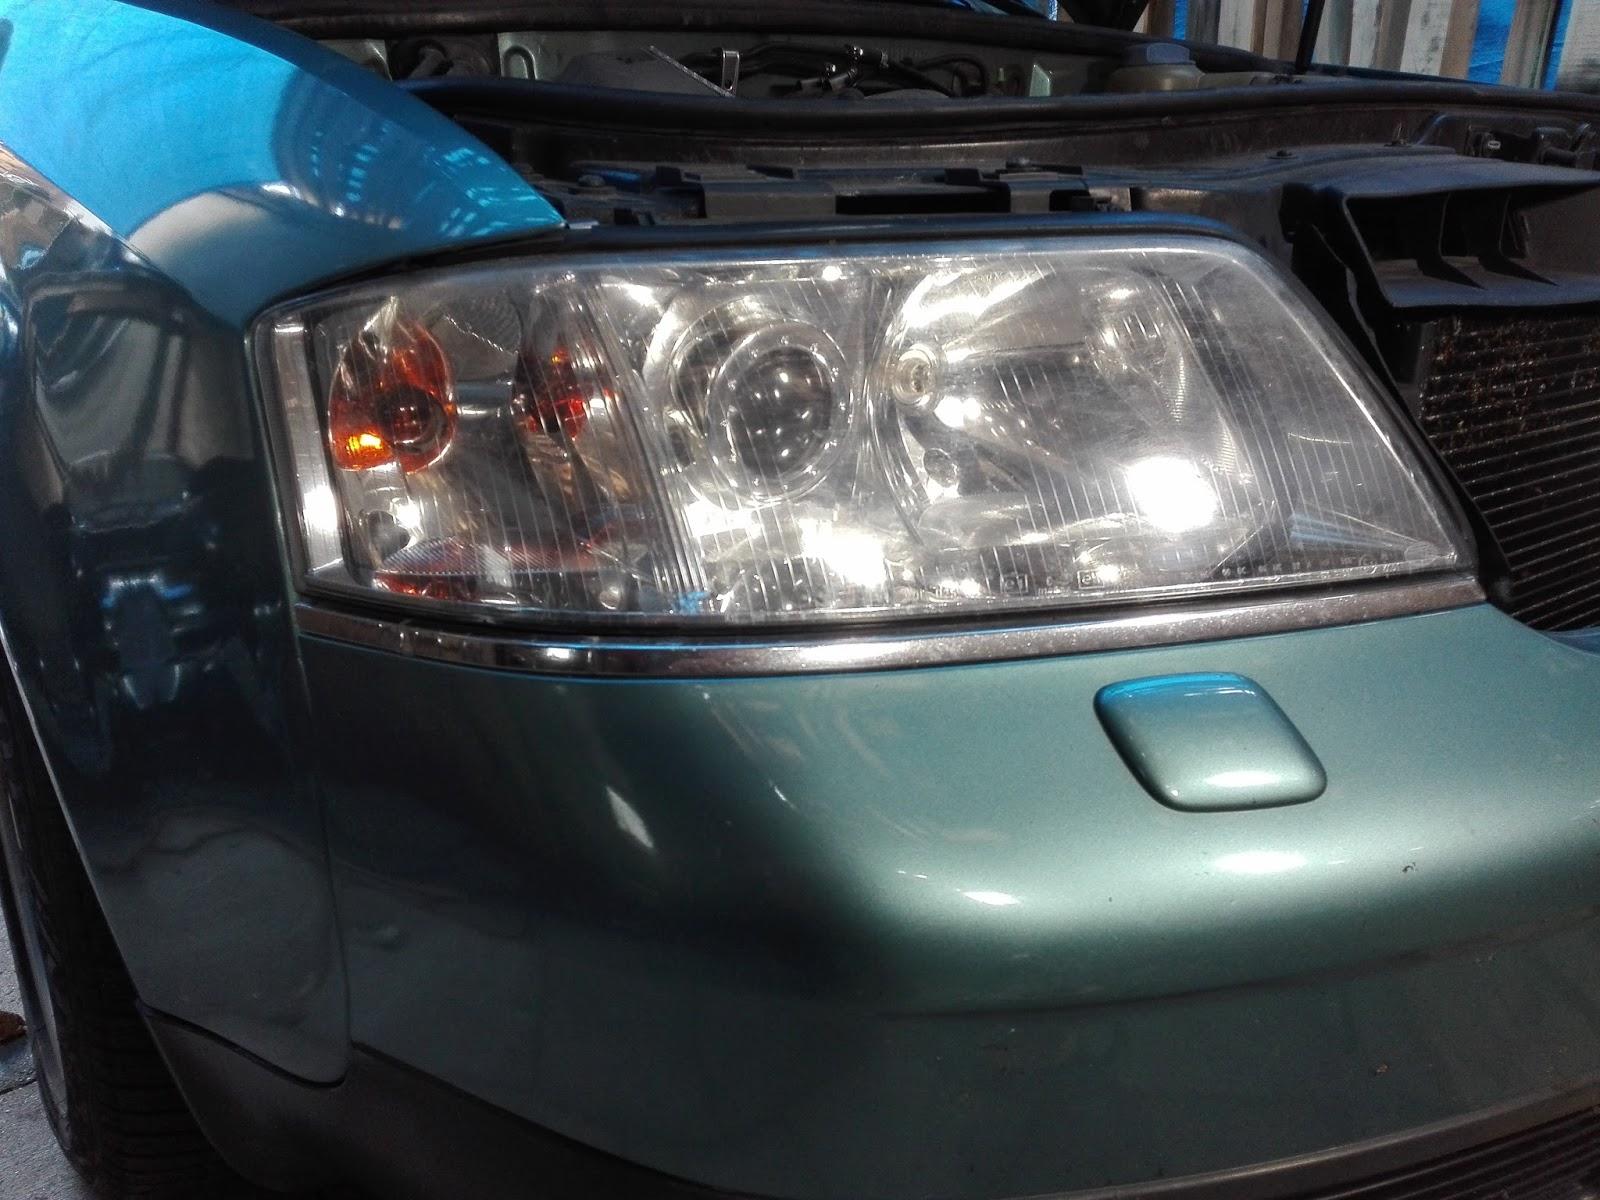 Naprawa świateł Samochodowych Przeróbka Lamp Audi A6 Na Bi Led Full Led